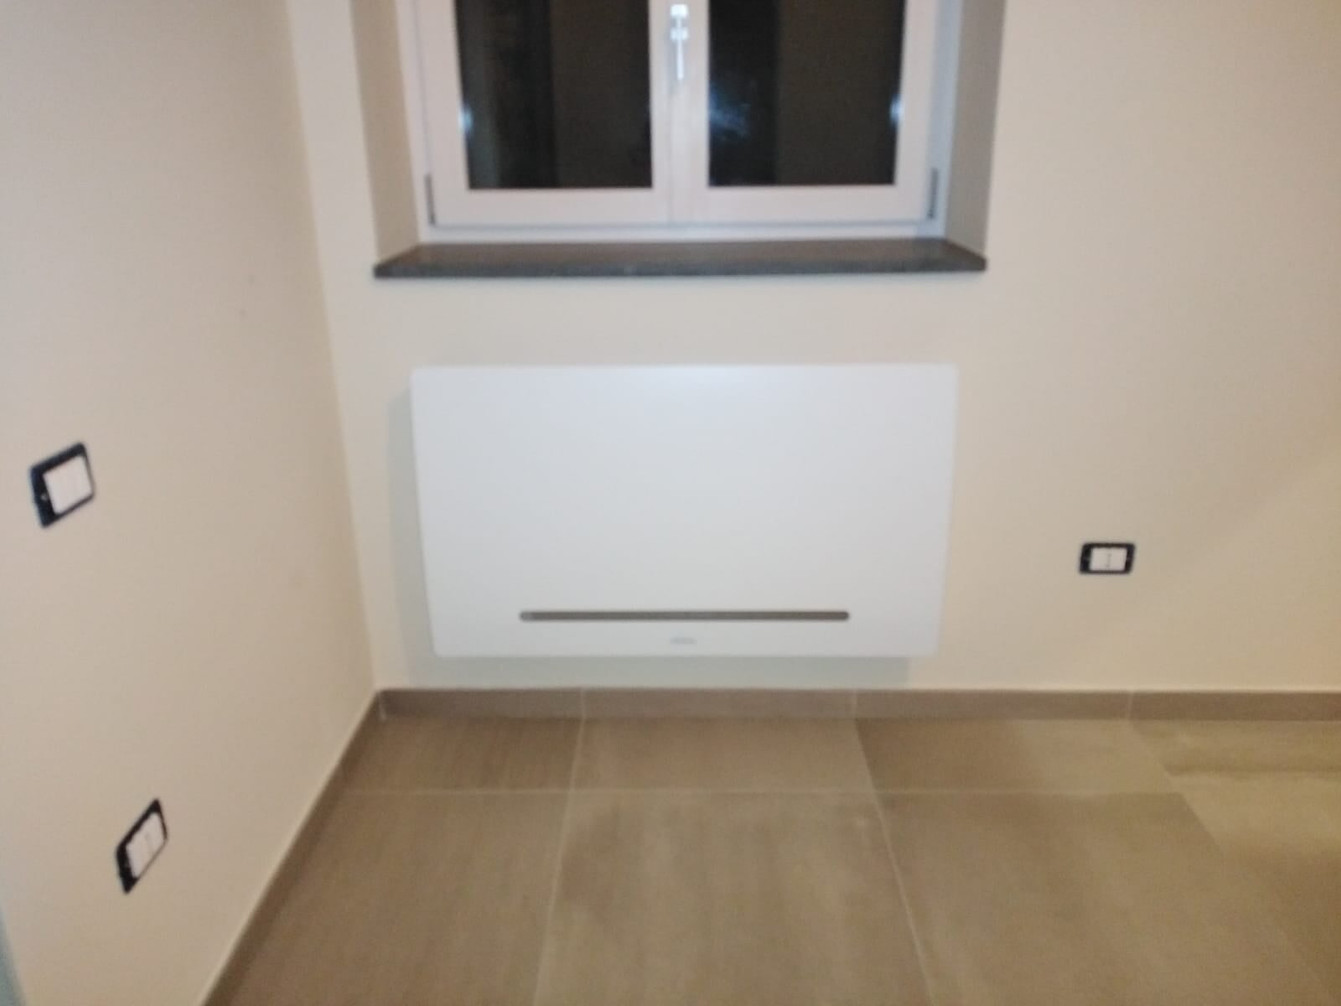 Impianto di climatizzazione con fan-coil e pompa di calore - Salento (SA)